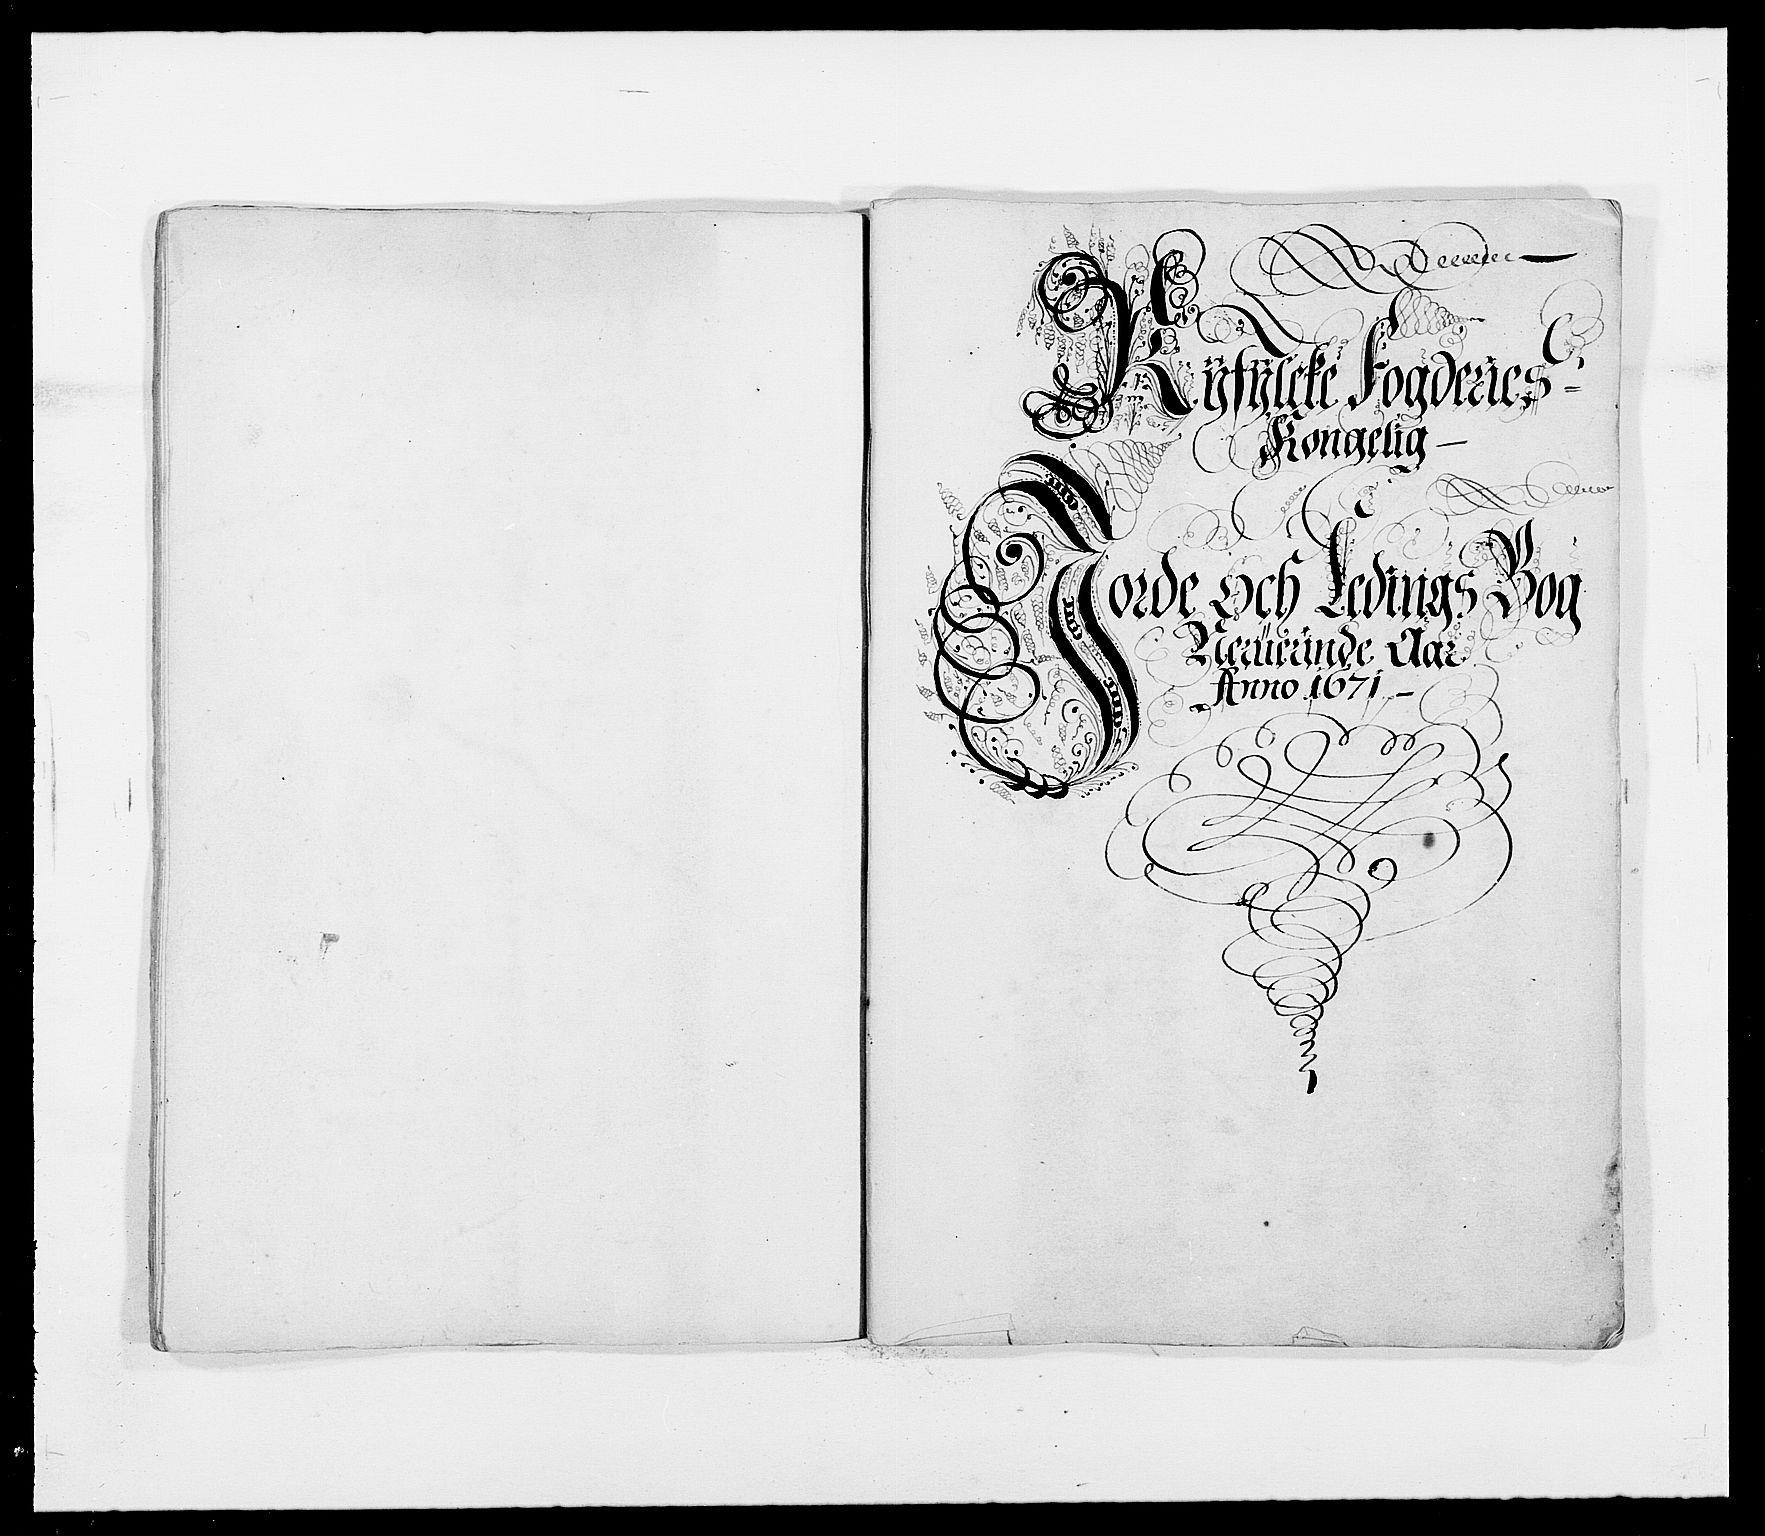 RA, Rentekammeret inntil 1814, Reviderte regnskaper, Fogderegnskap, R47/L2843: Fogderegnskap Ryfylke, 1670-1671, s. 338